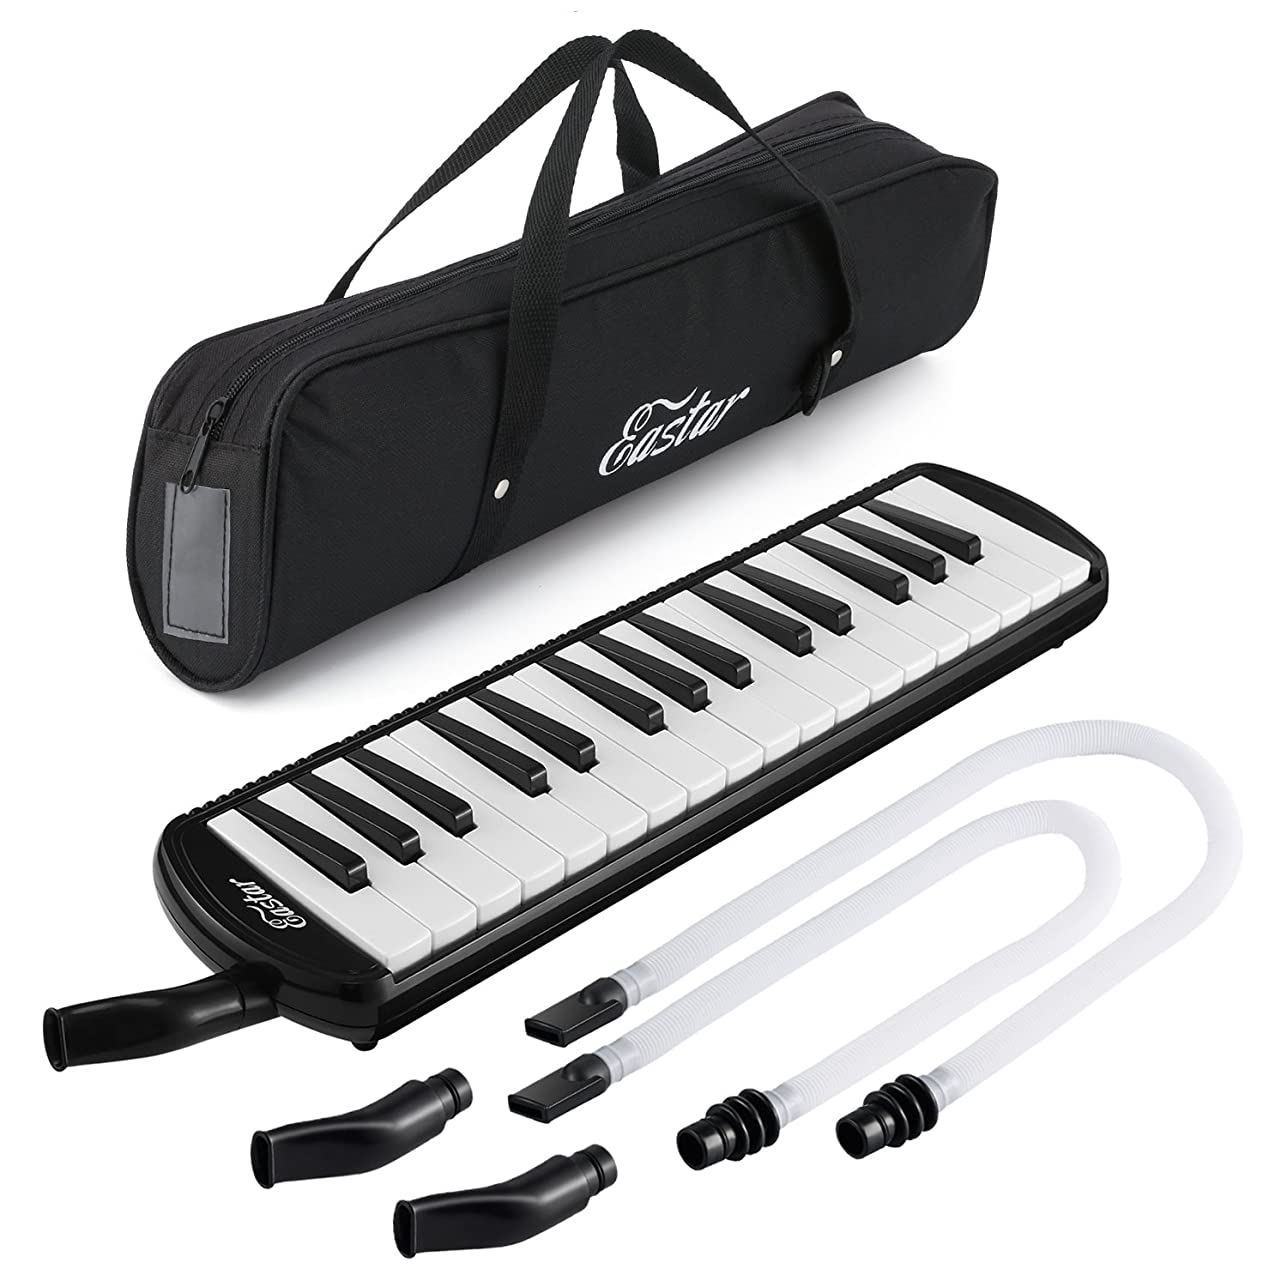 唇耕すバランスEastar ピアニカ 32鍵 鍵盤 ハーモニカ pianica ホース+唄口セット (ブラック)